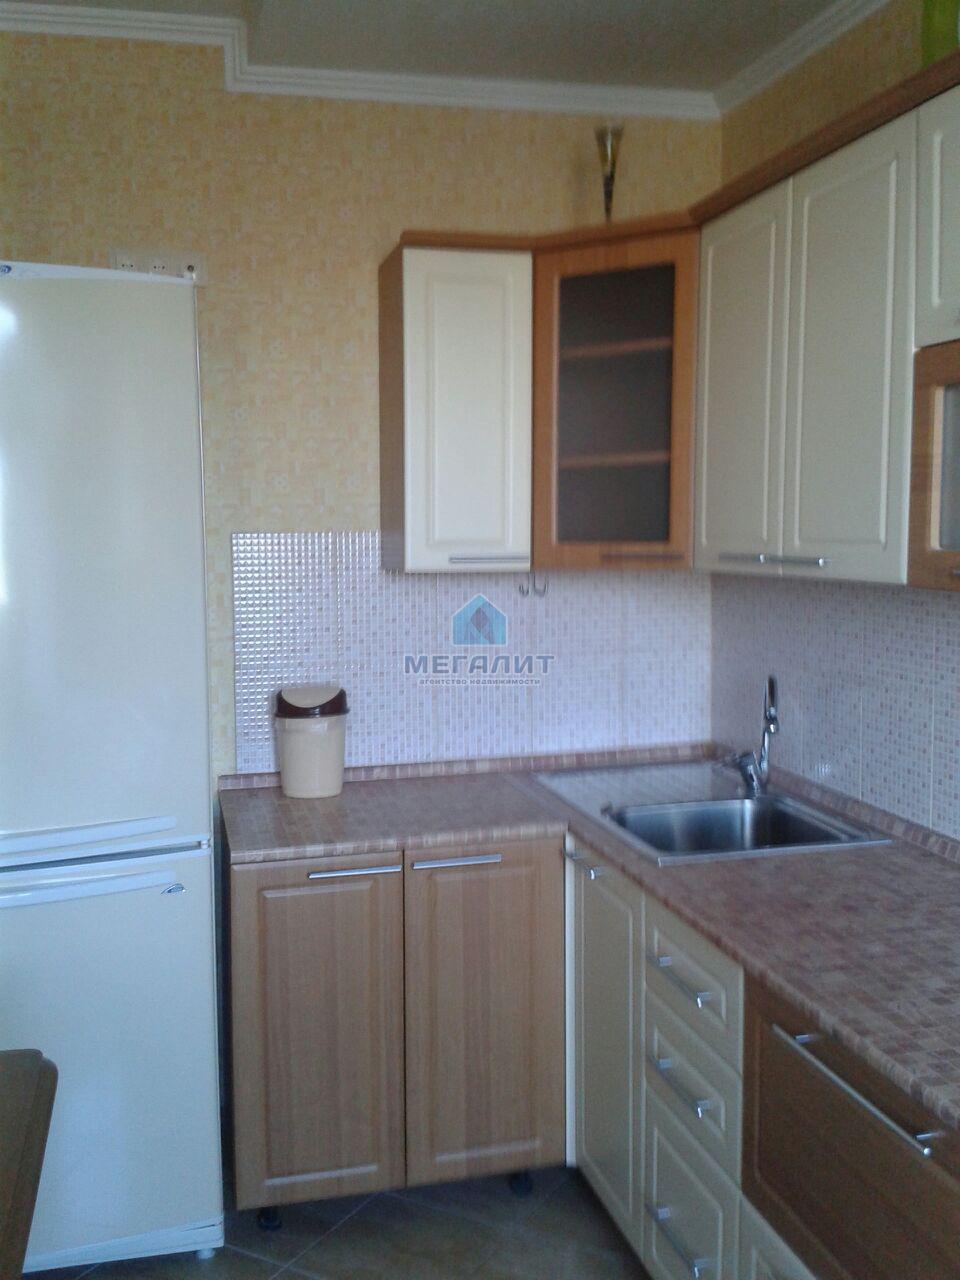 Аренда 1-к квартиры Шаляпина 14, 50.0 м² (миниатюра №2)